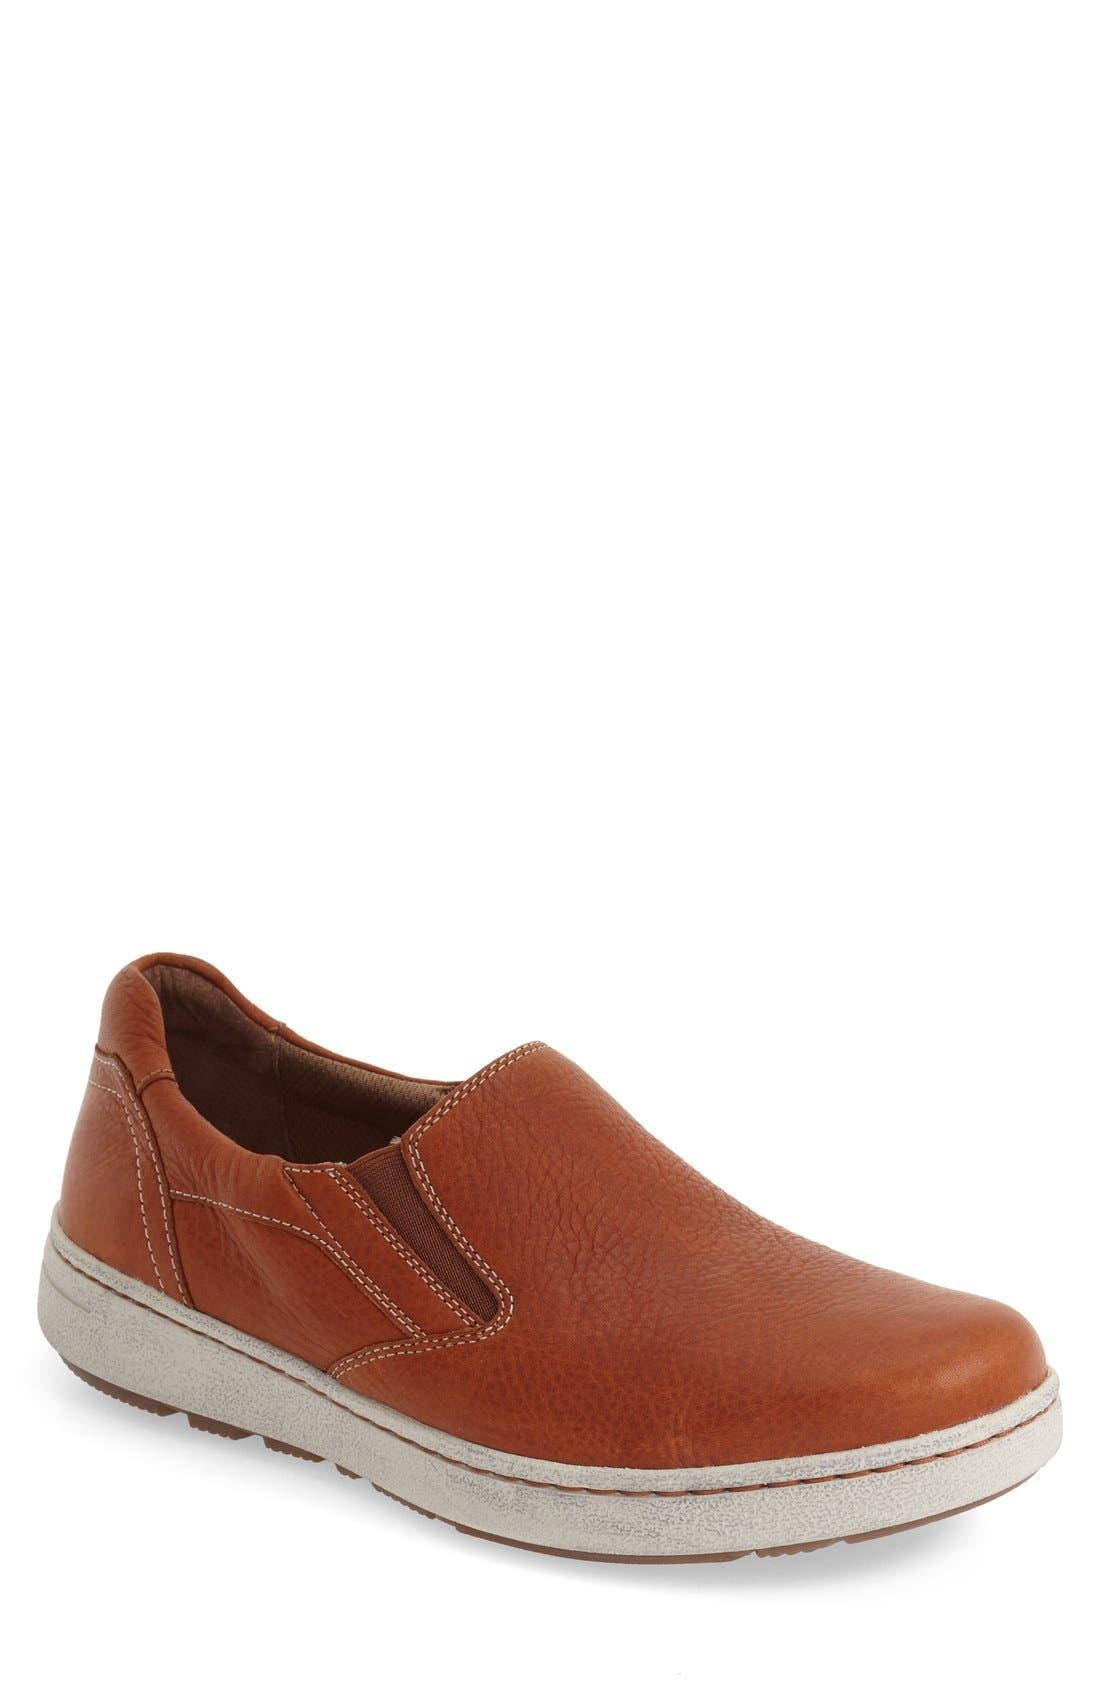 'Viktor' Water Resistant Slip-On Sneaker,                             Main thumbnail 1, color,                             Russet Full Grain Leather